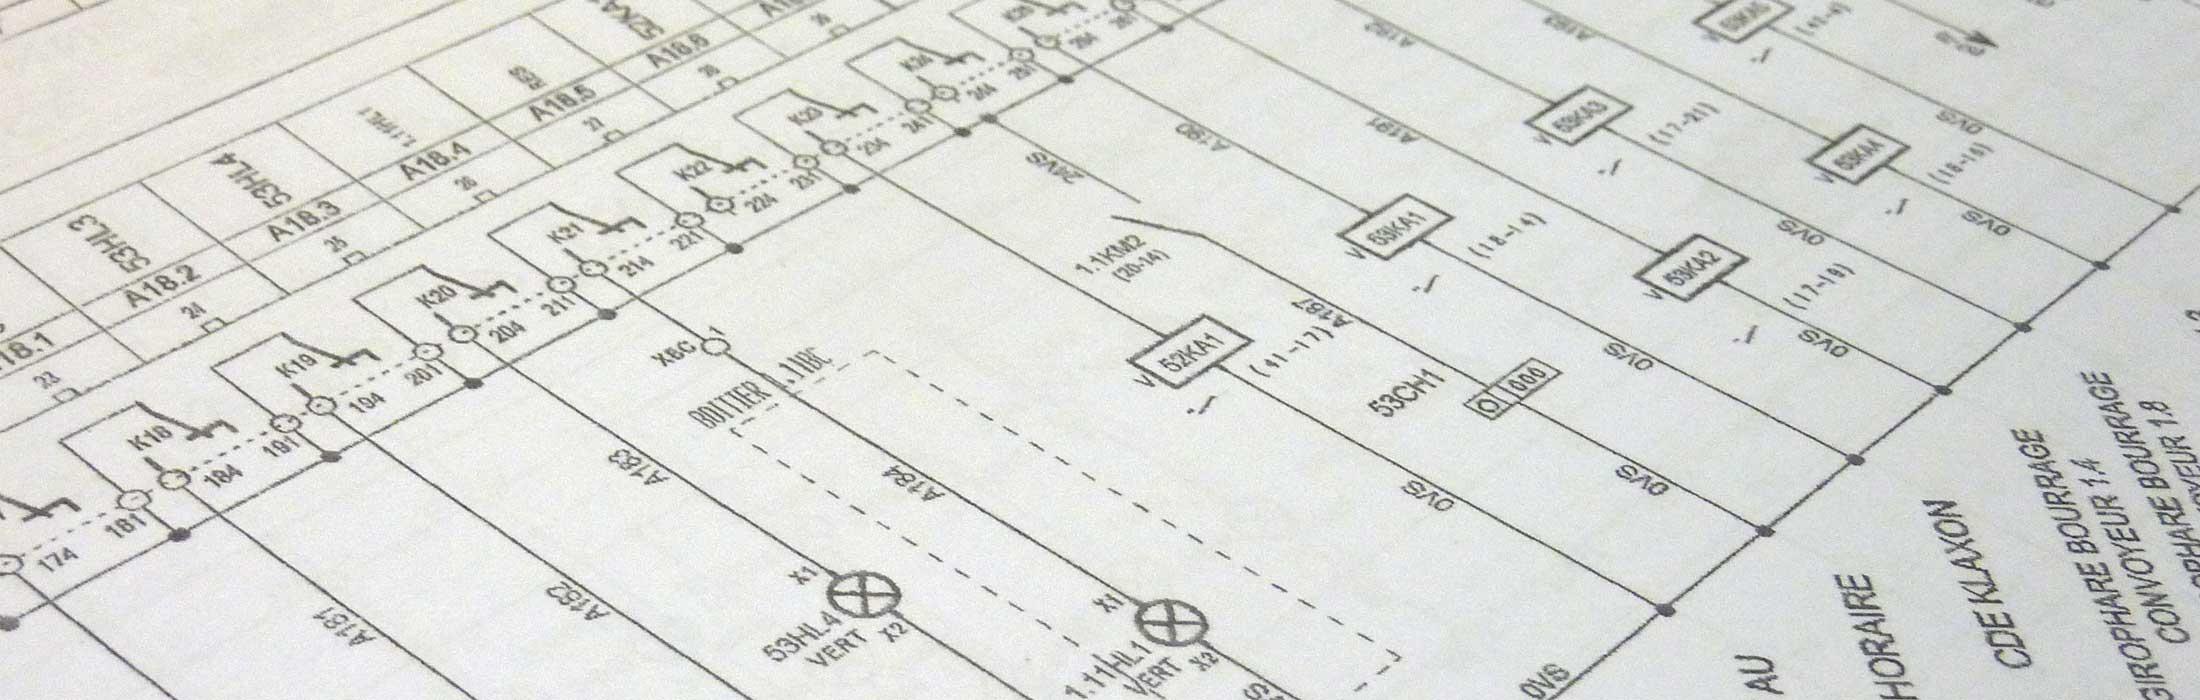 Bureau d 39 tudes lectriques grenoble sch mas lectriques en cao dao implantation de r seau - Bureau d etude traduction ...